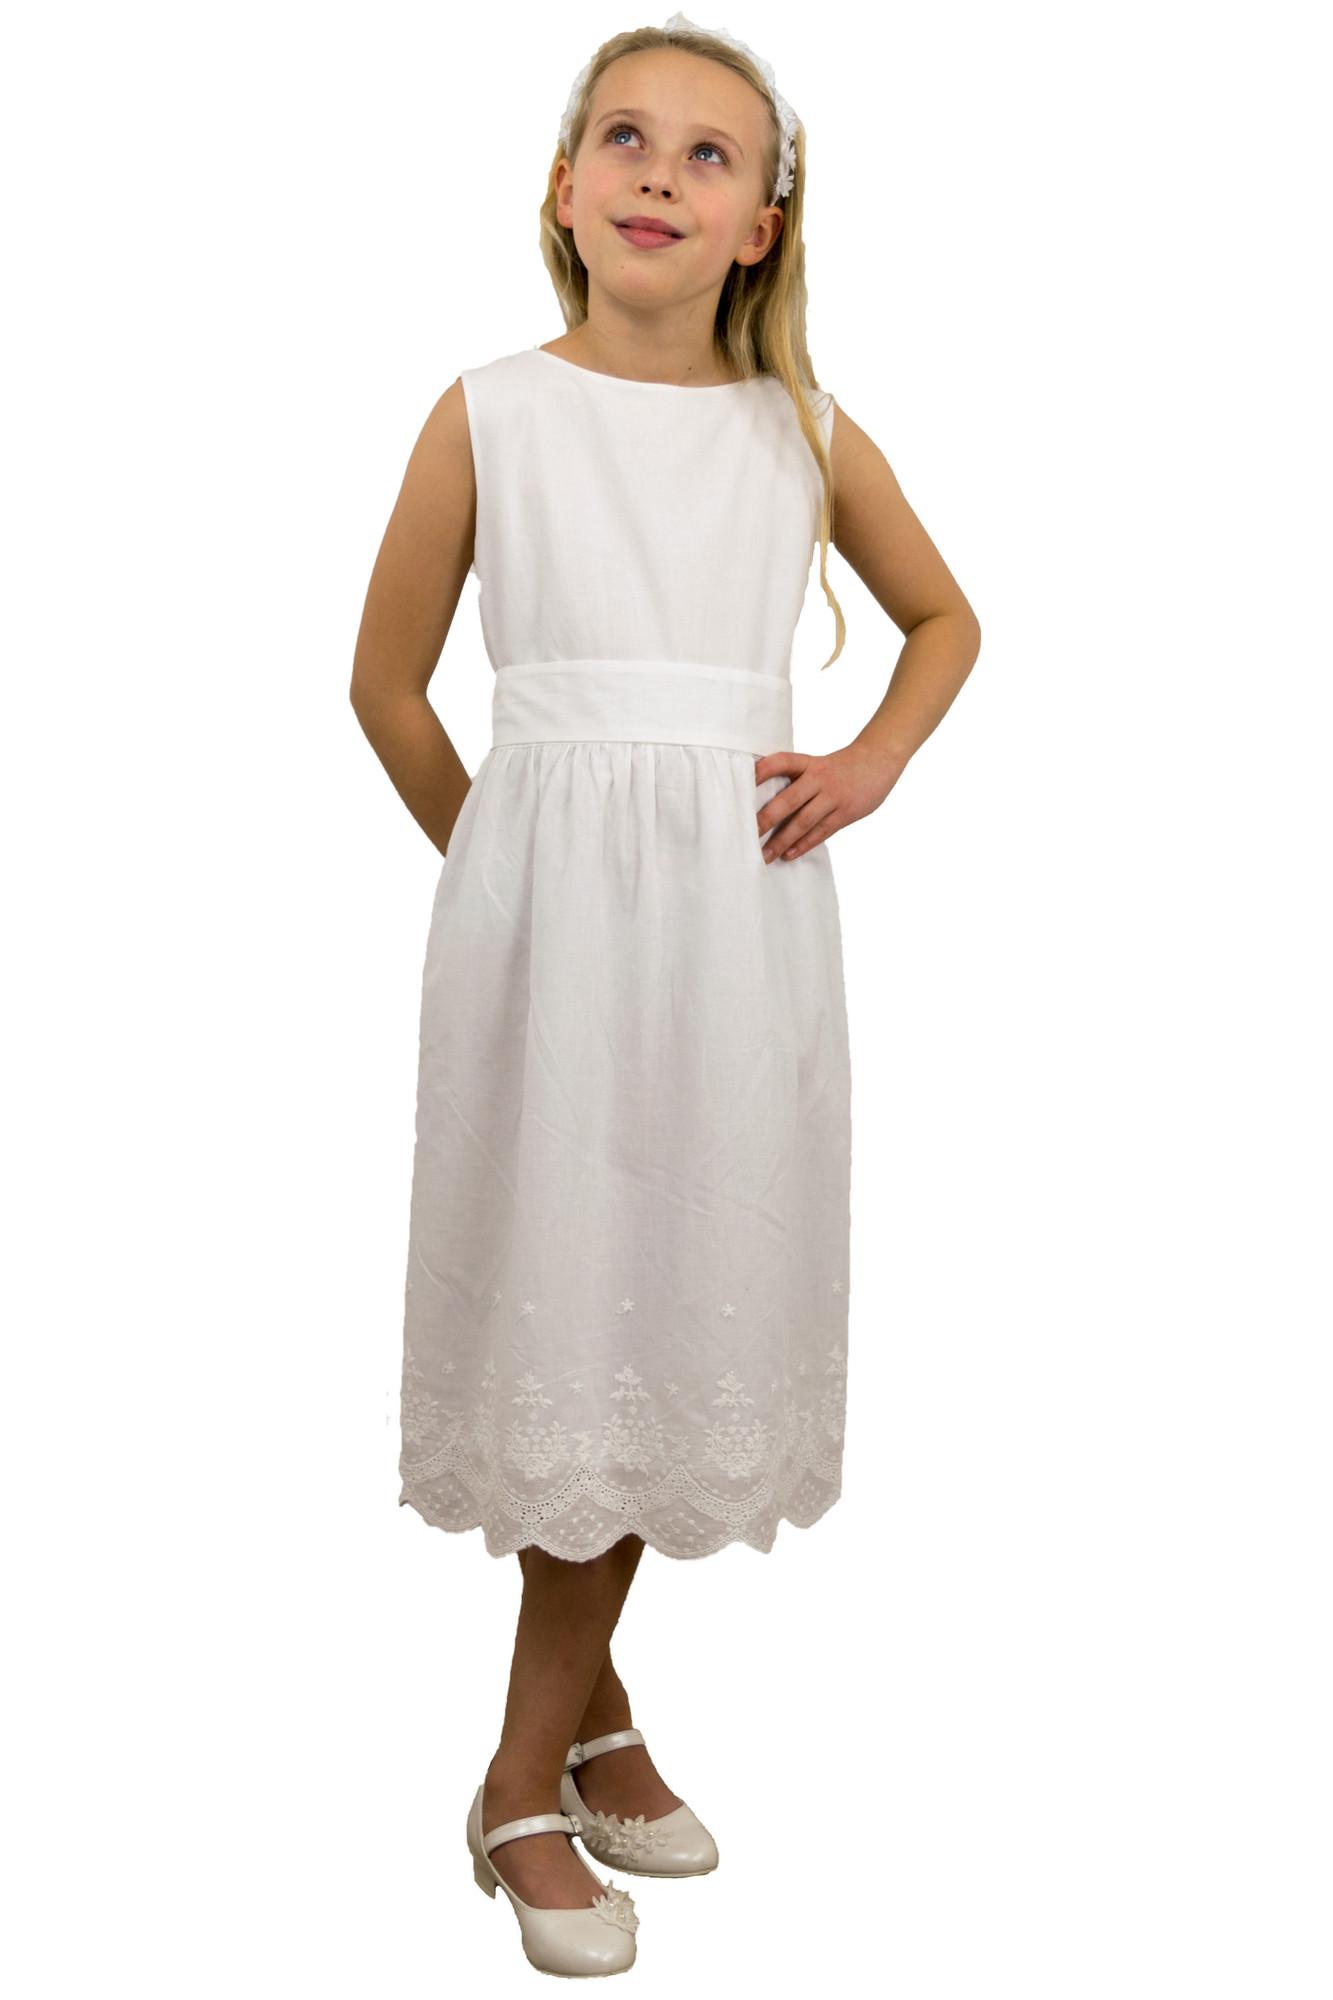 BIMARO Kommunionkleid Alisa weiß Festkleid schlicht kurz färbbar Hochzeit Kommunion festlich Baumwolle